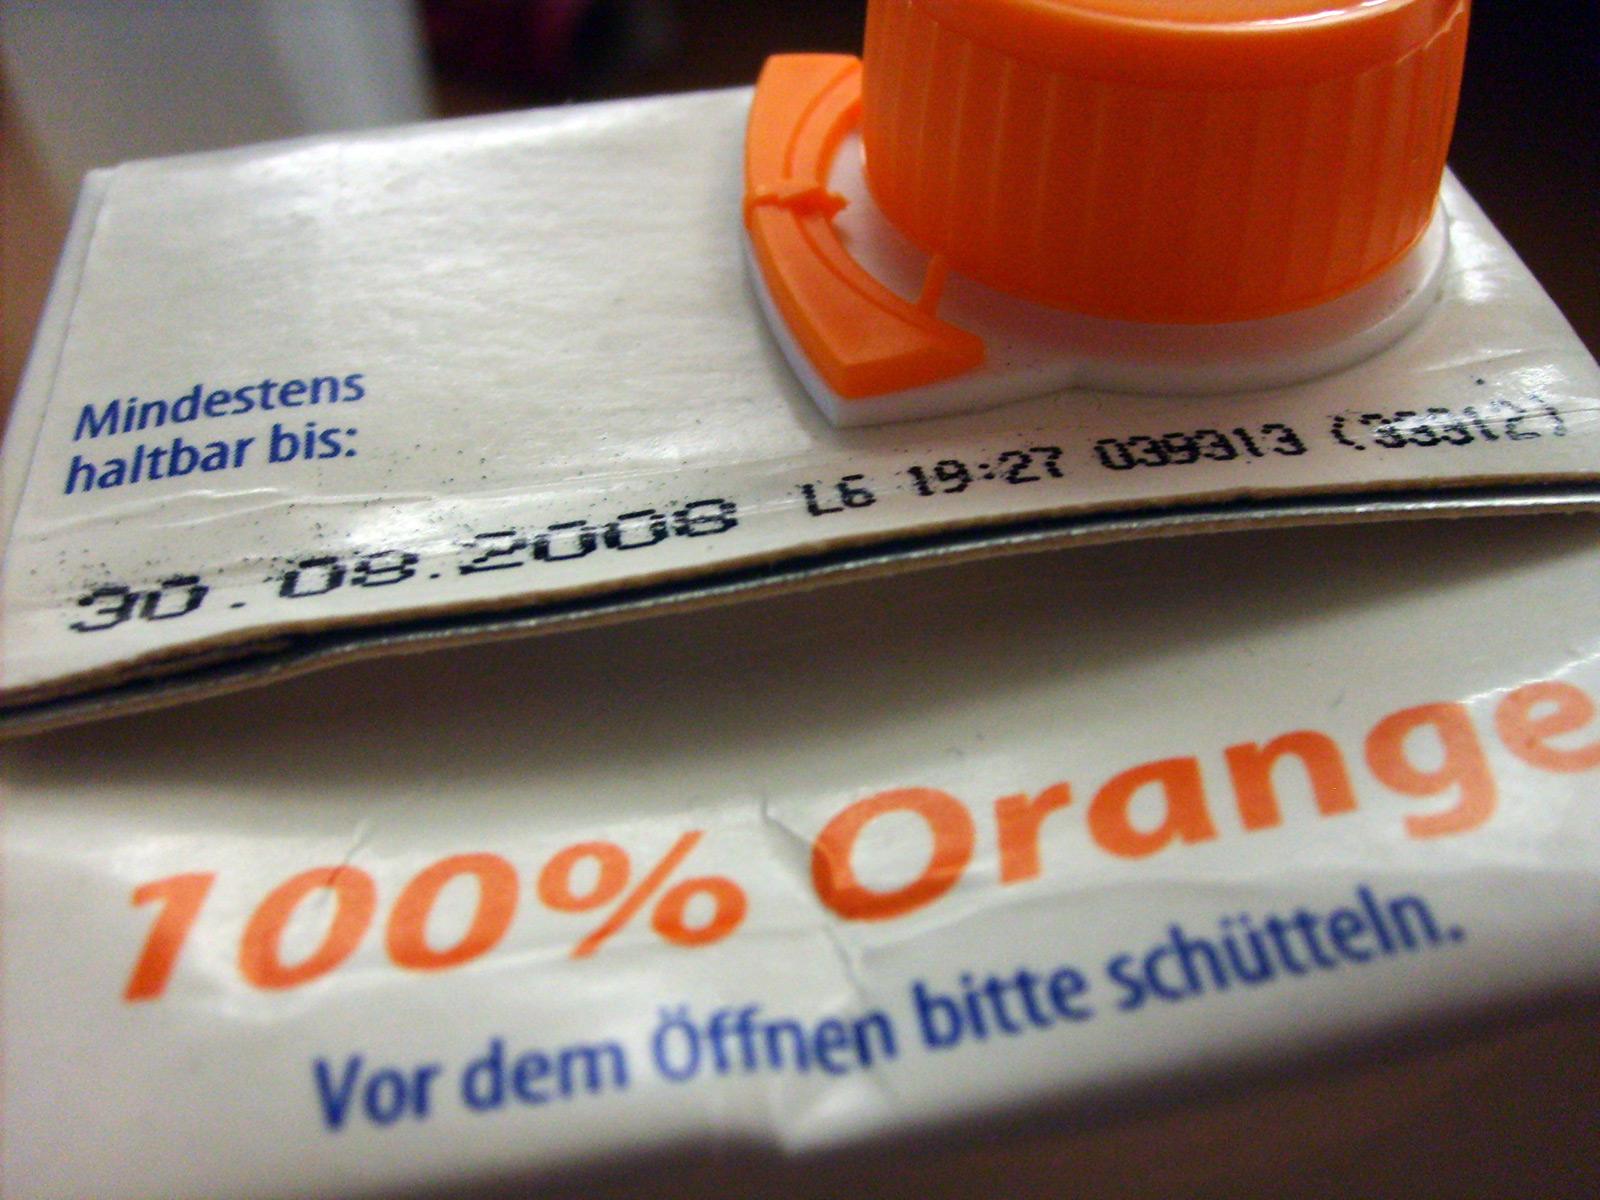 Nicht nur Orangensaft hat ein Haltbarkeitsdatum, nun wohl auch journalistische Artikel. (Symbolbild)